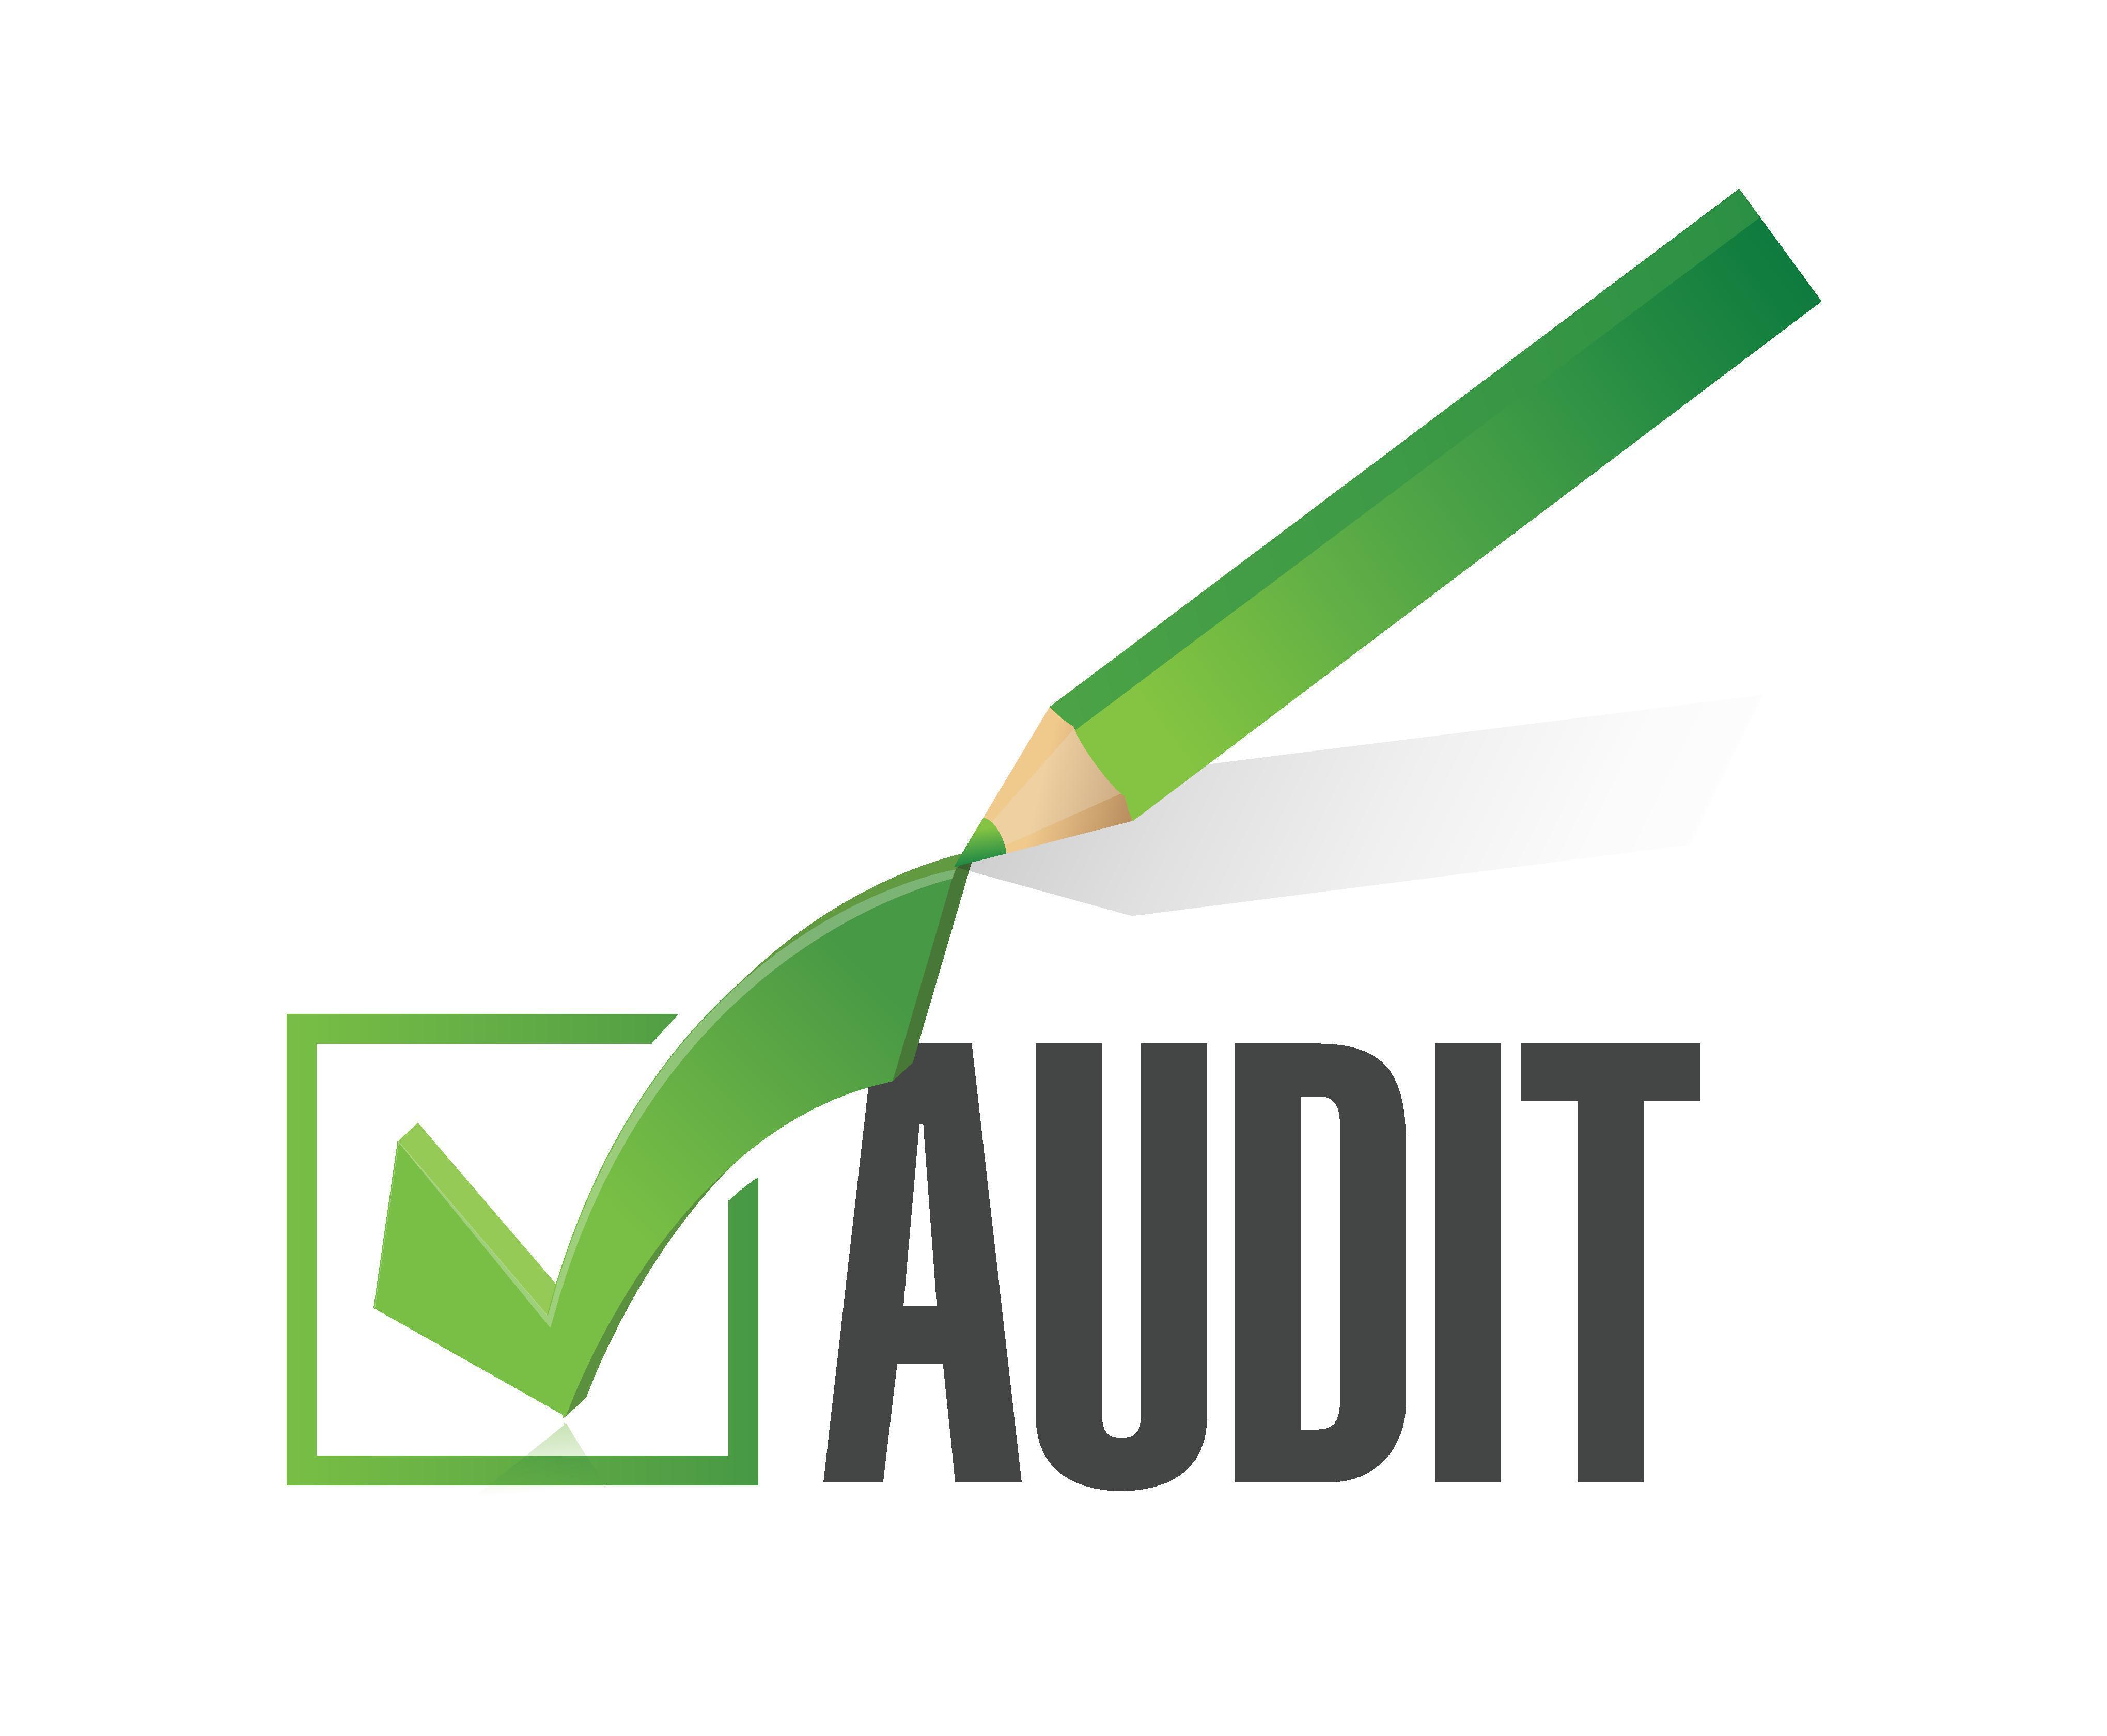 Τροποποιήσεις στο φορολογικό πιστοποιητικό ορκωτών όπως ίσχυε με τον ν.2238/1994